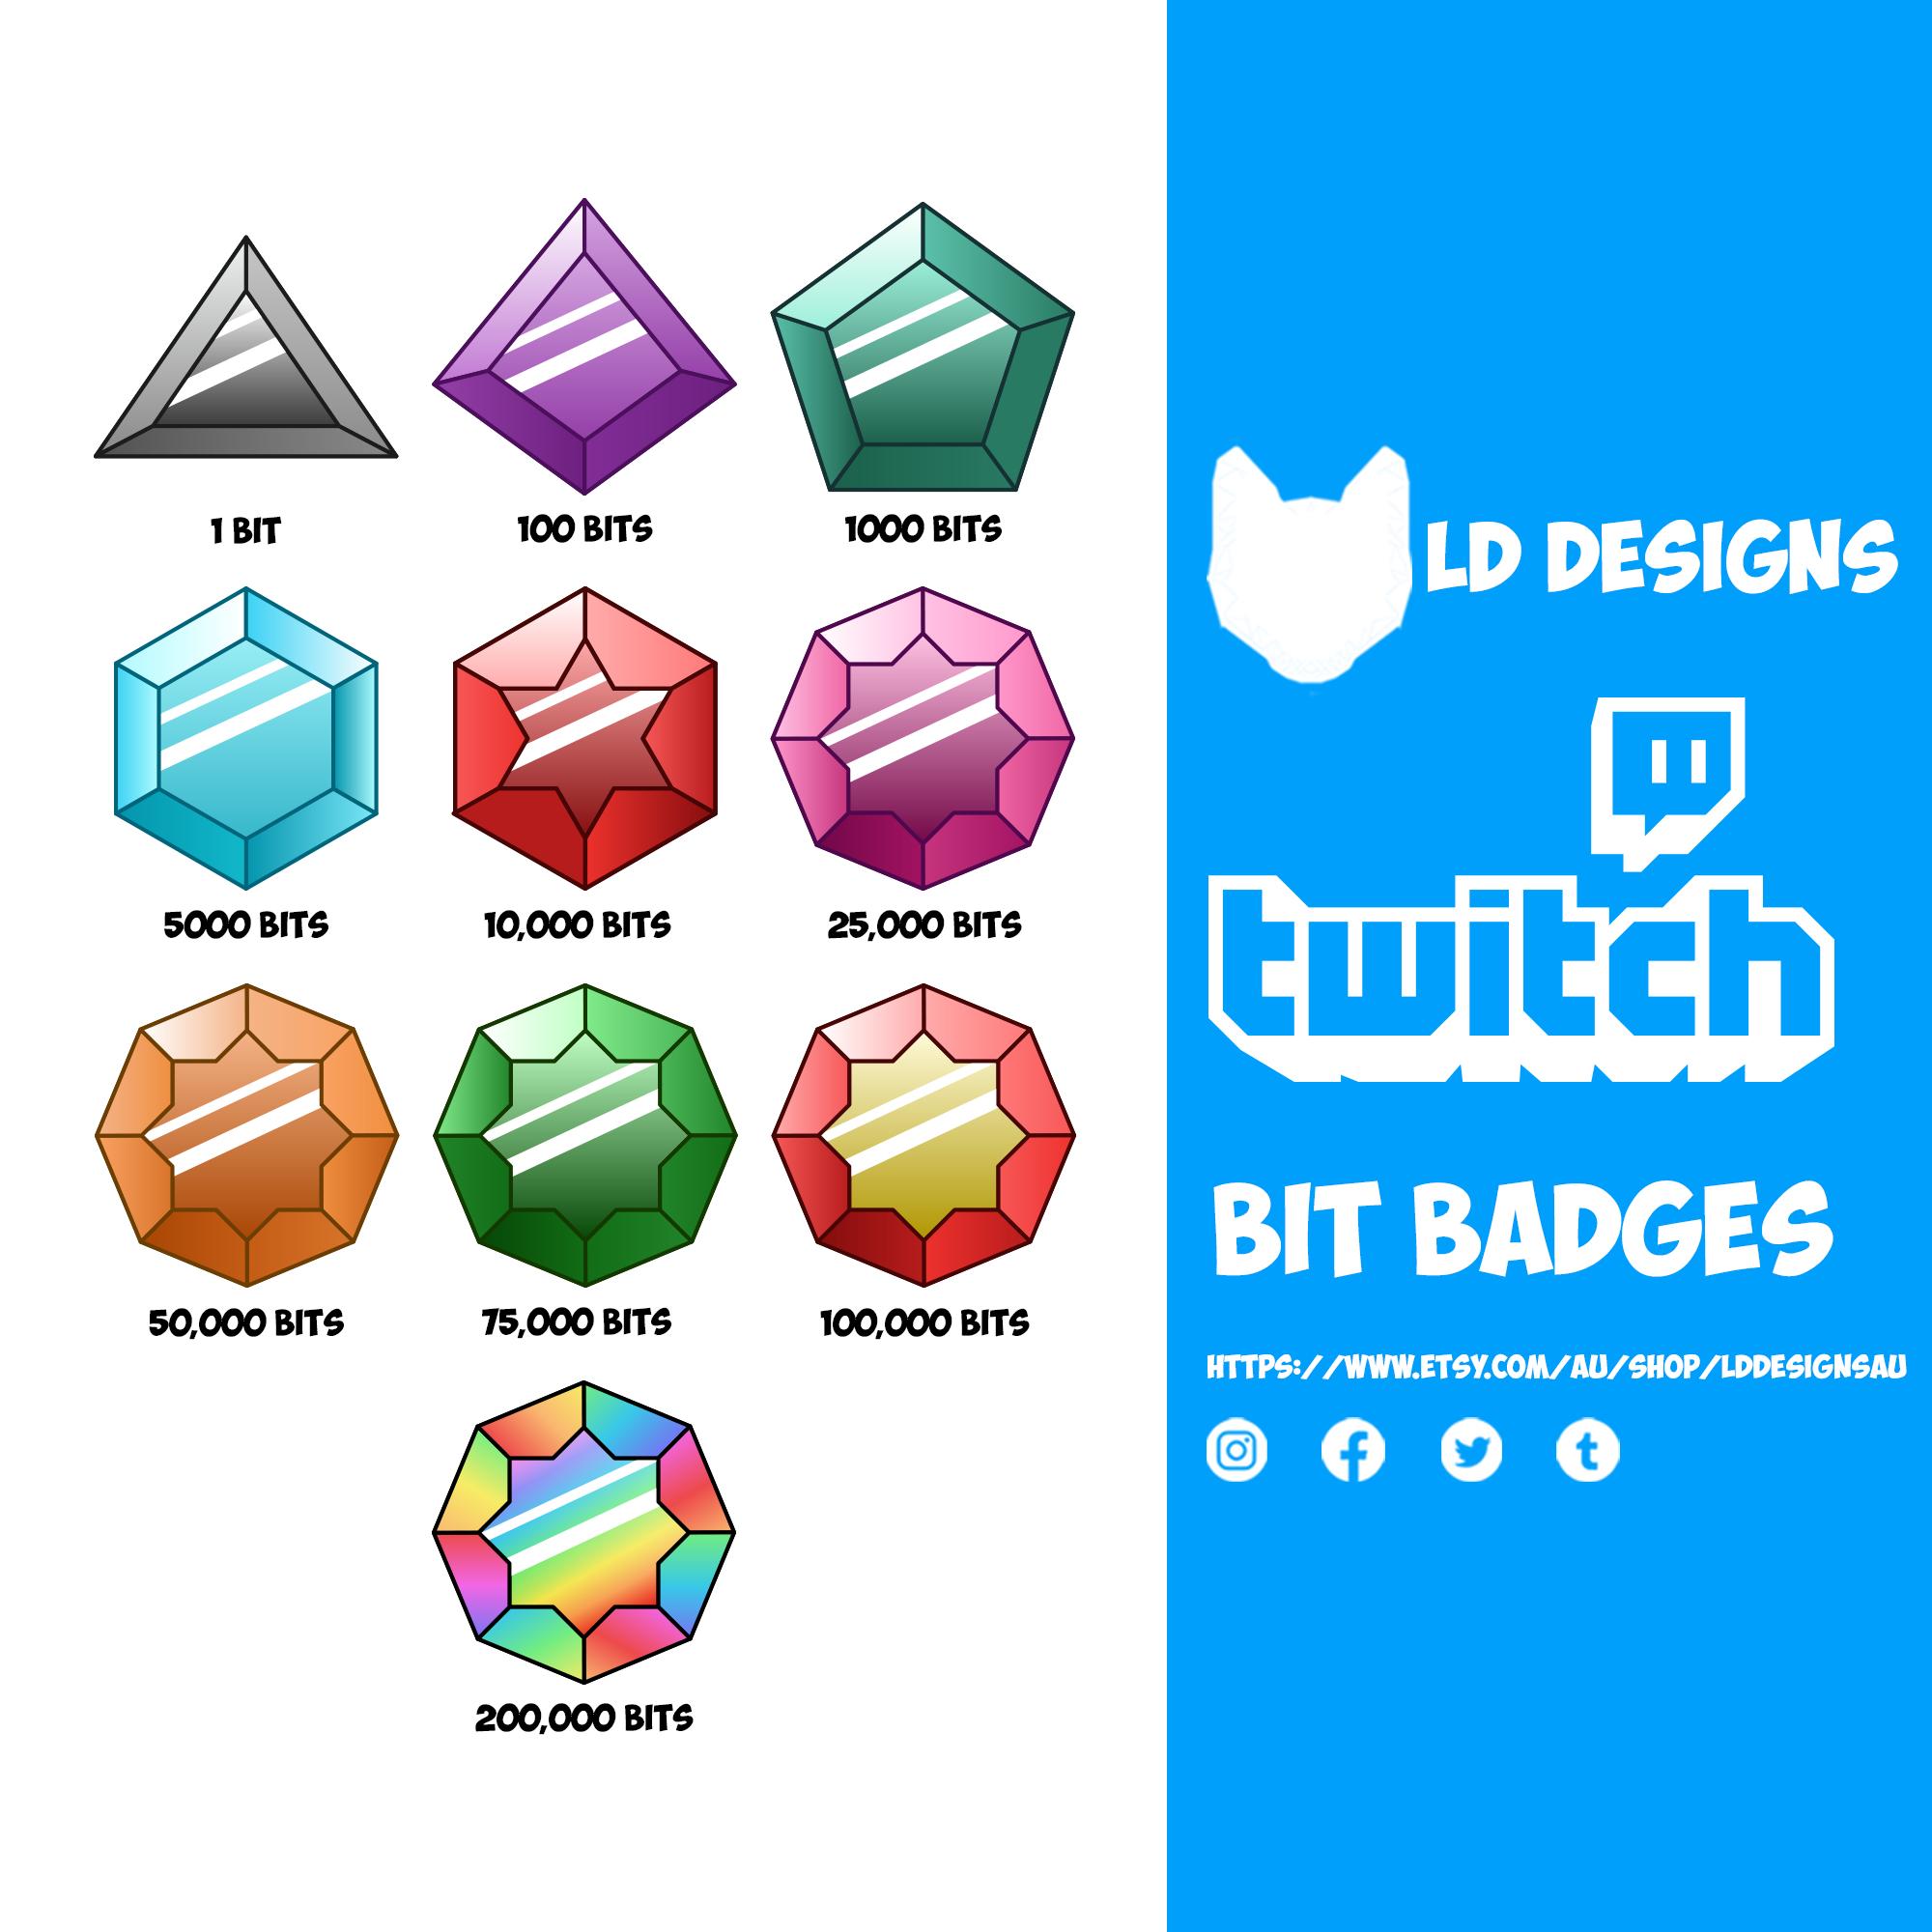 Gemstone Subscriber Badges Bit Badges Loyalty Badges For Twitch Twitch Bits Badge Twitch